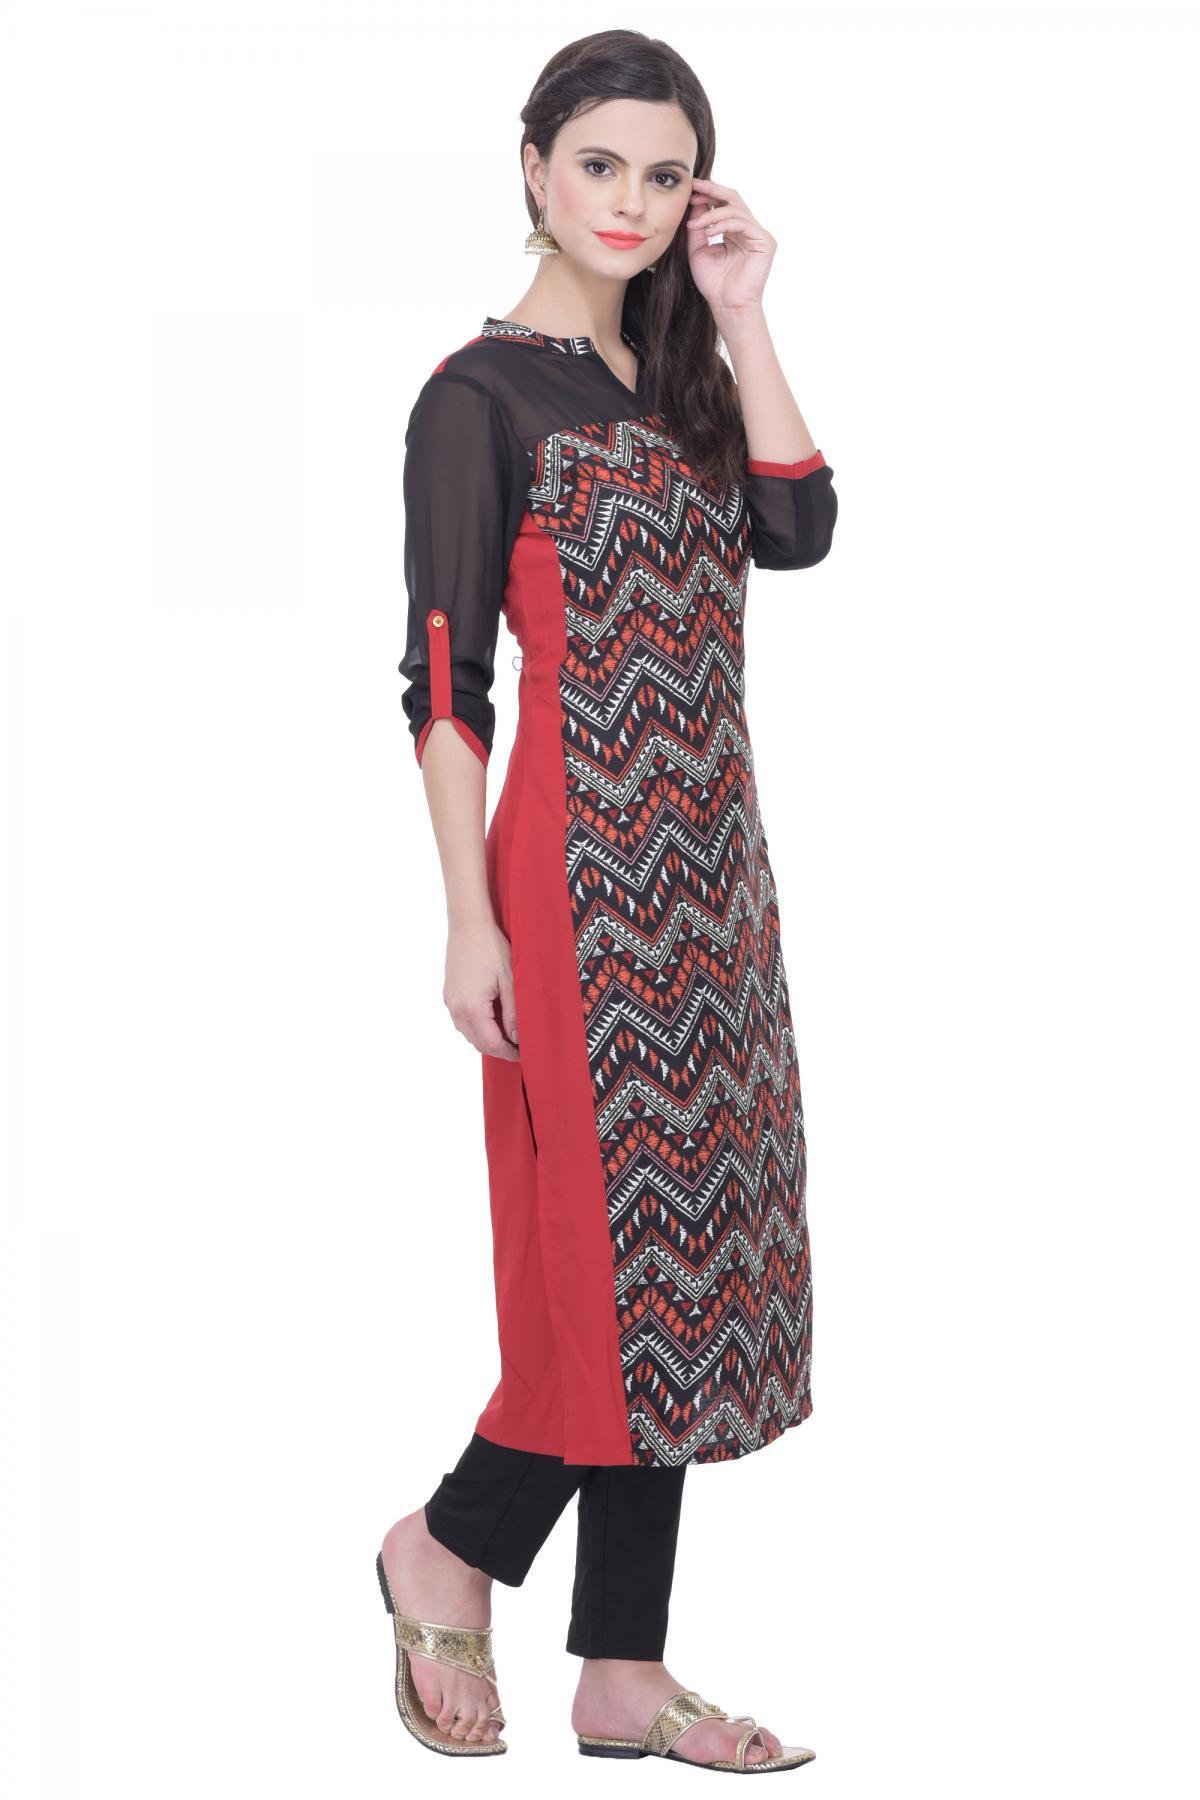 Clothing Fashion Person #76390